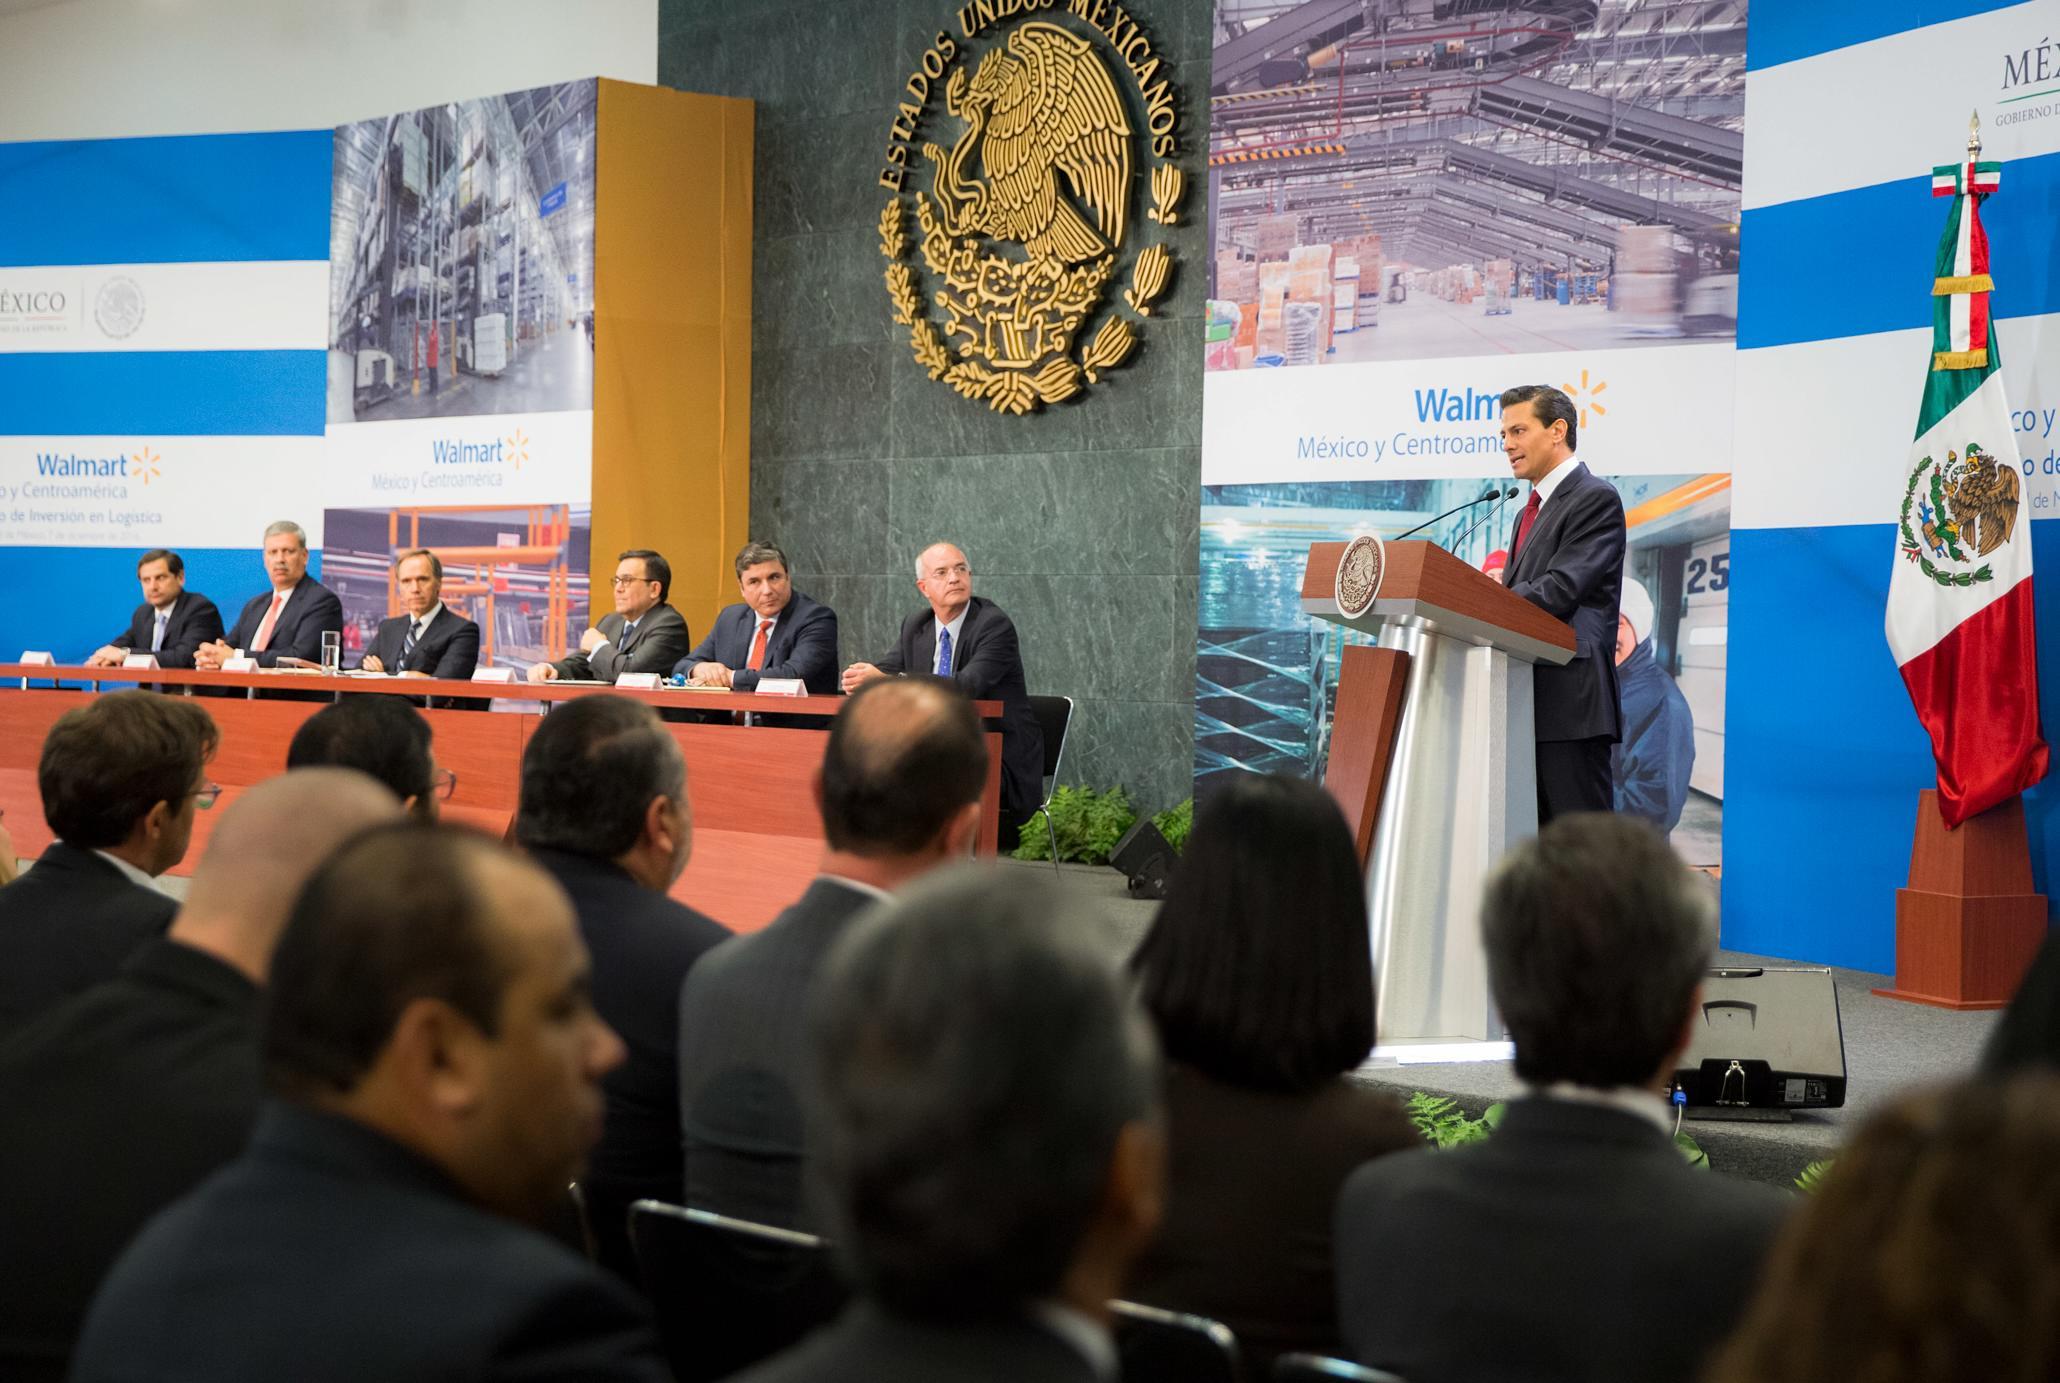 El Primer Mandatario se manifestó optimista del futuro que México tenga hacia adelante, a partir justamente de los pilares que se han venido construyendo.